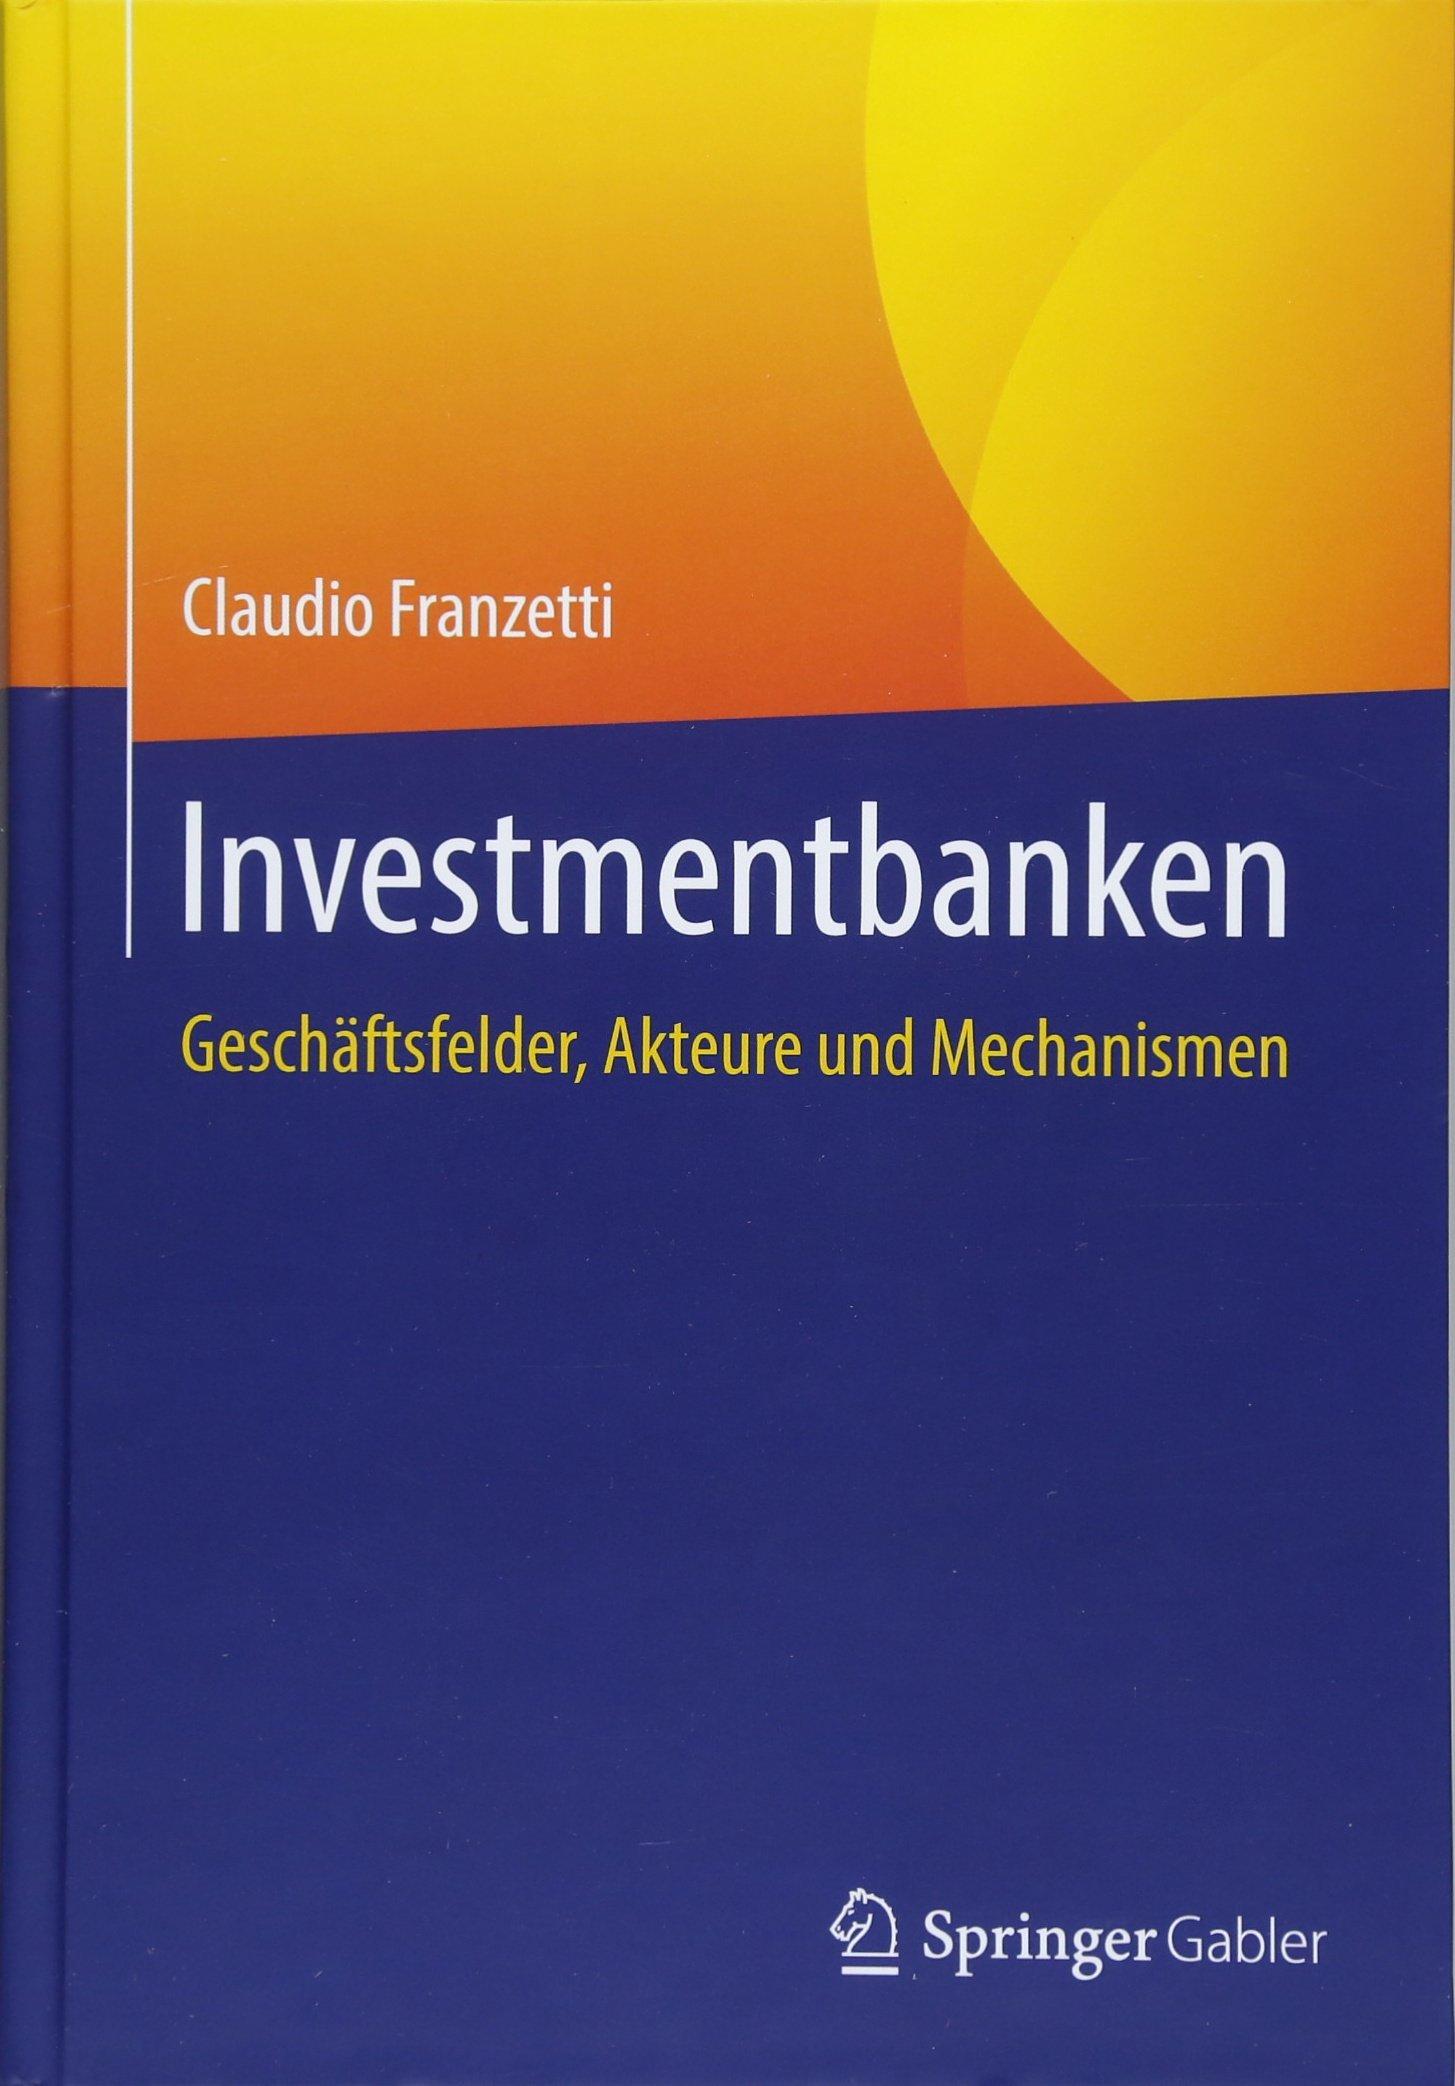 Investmentbanken: Geschäftsfelder, Akteure und Mechanismen Gebundenes Buch – 31. Mai 2018 Claudio Franzetti Springer Gabler 3658207906 Finanzmarkt / Kapitalmarkt